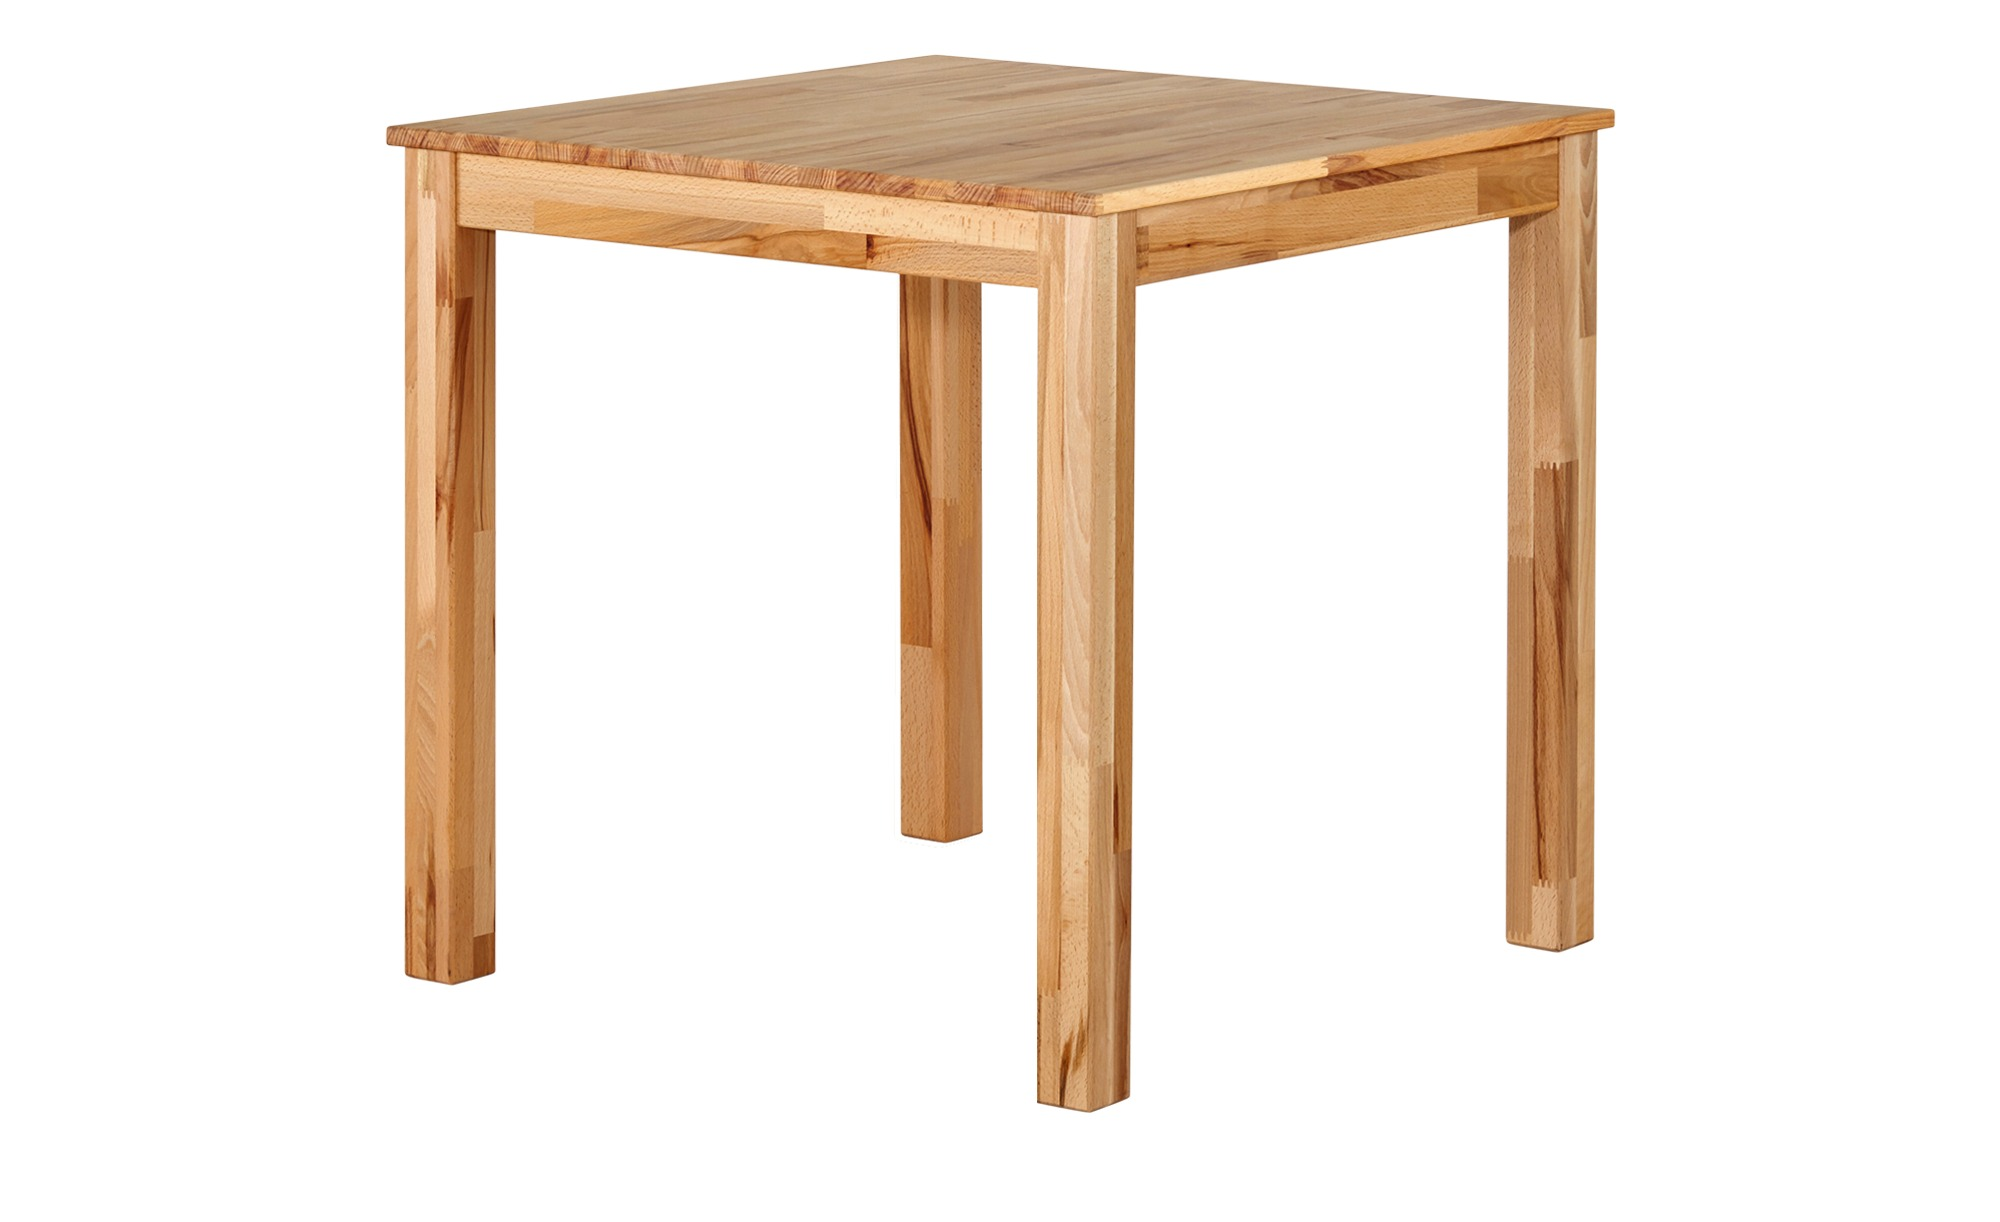 Esstisch  Fabian ¦ holzfarben ¦ Maße (cm): B: 75 H: 74 Tische > Esstische > Esstische massiv - Höffner